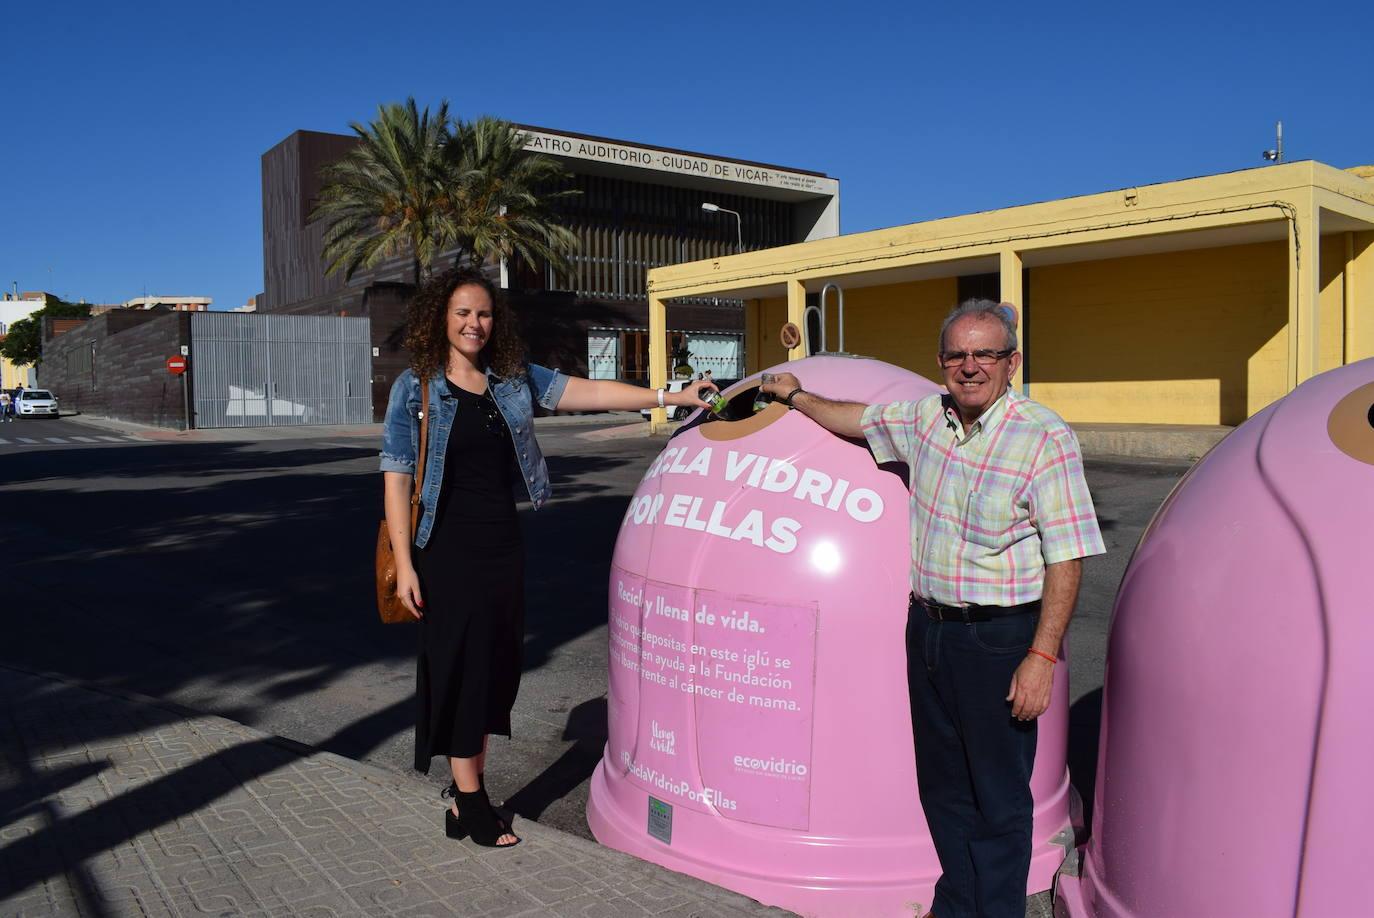 Iglús de color rosa en Vícar para recoger vidrio y recaudar dinero contra el cáncer